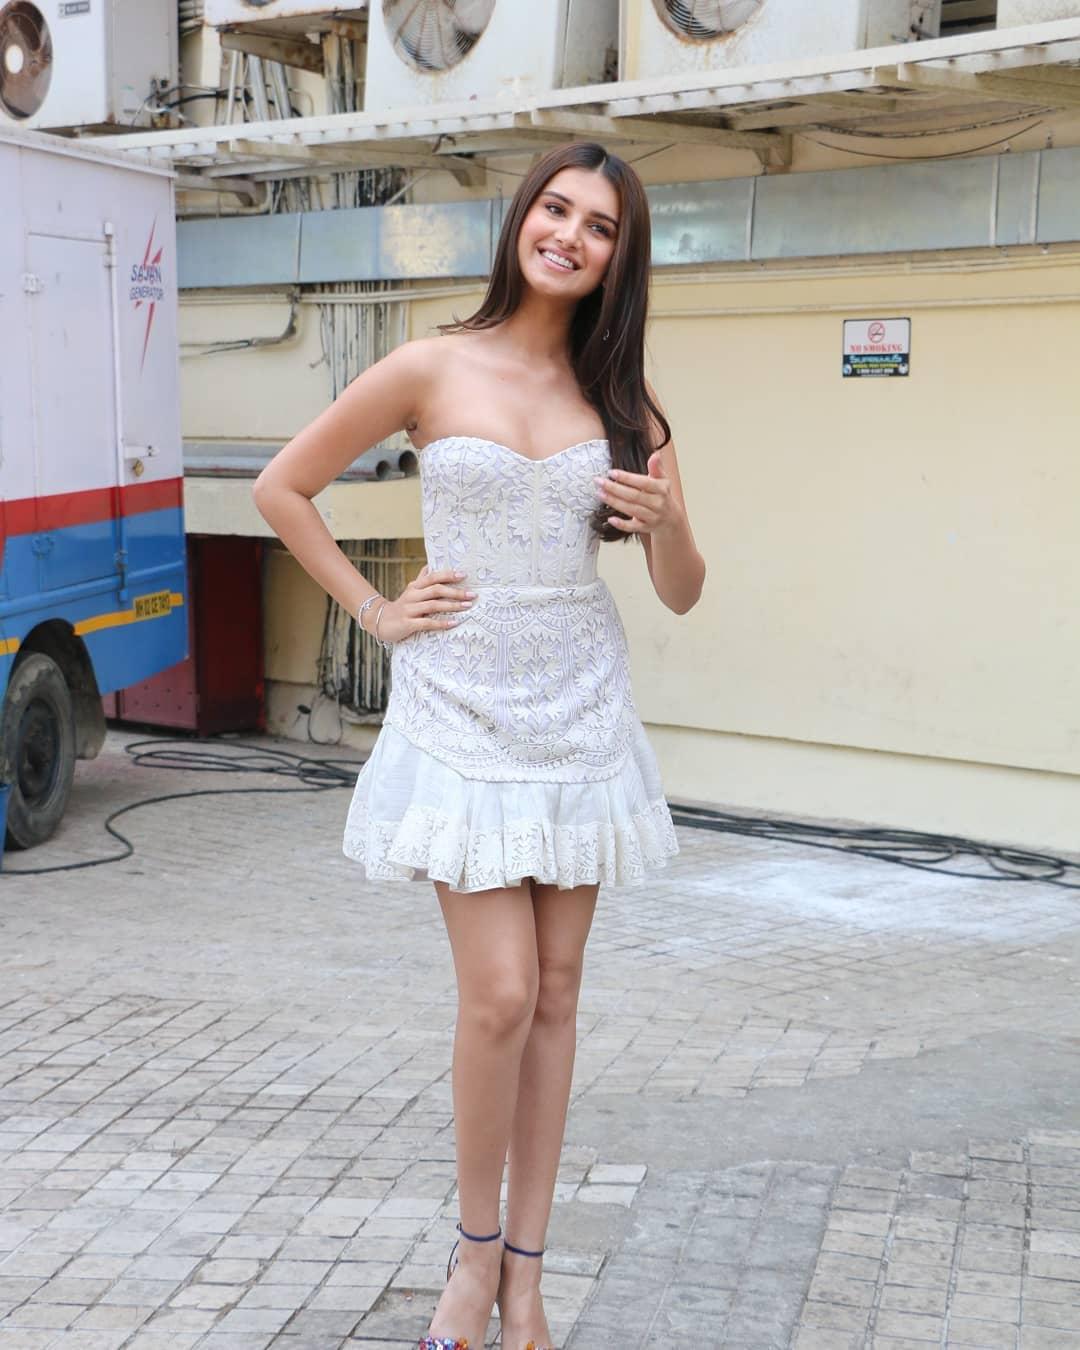 Bollywood Tadka, तारा सुतारिया इमेज,तारा सुतारिया फोटो,तारा सुतारिया पिक्चर,